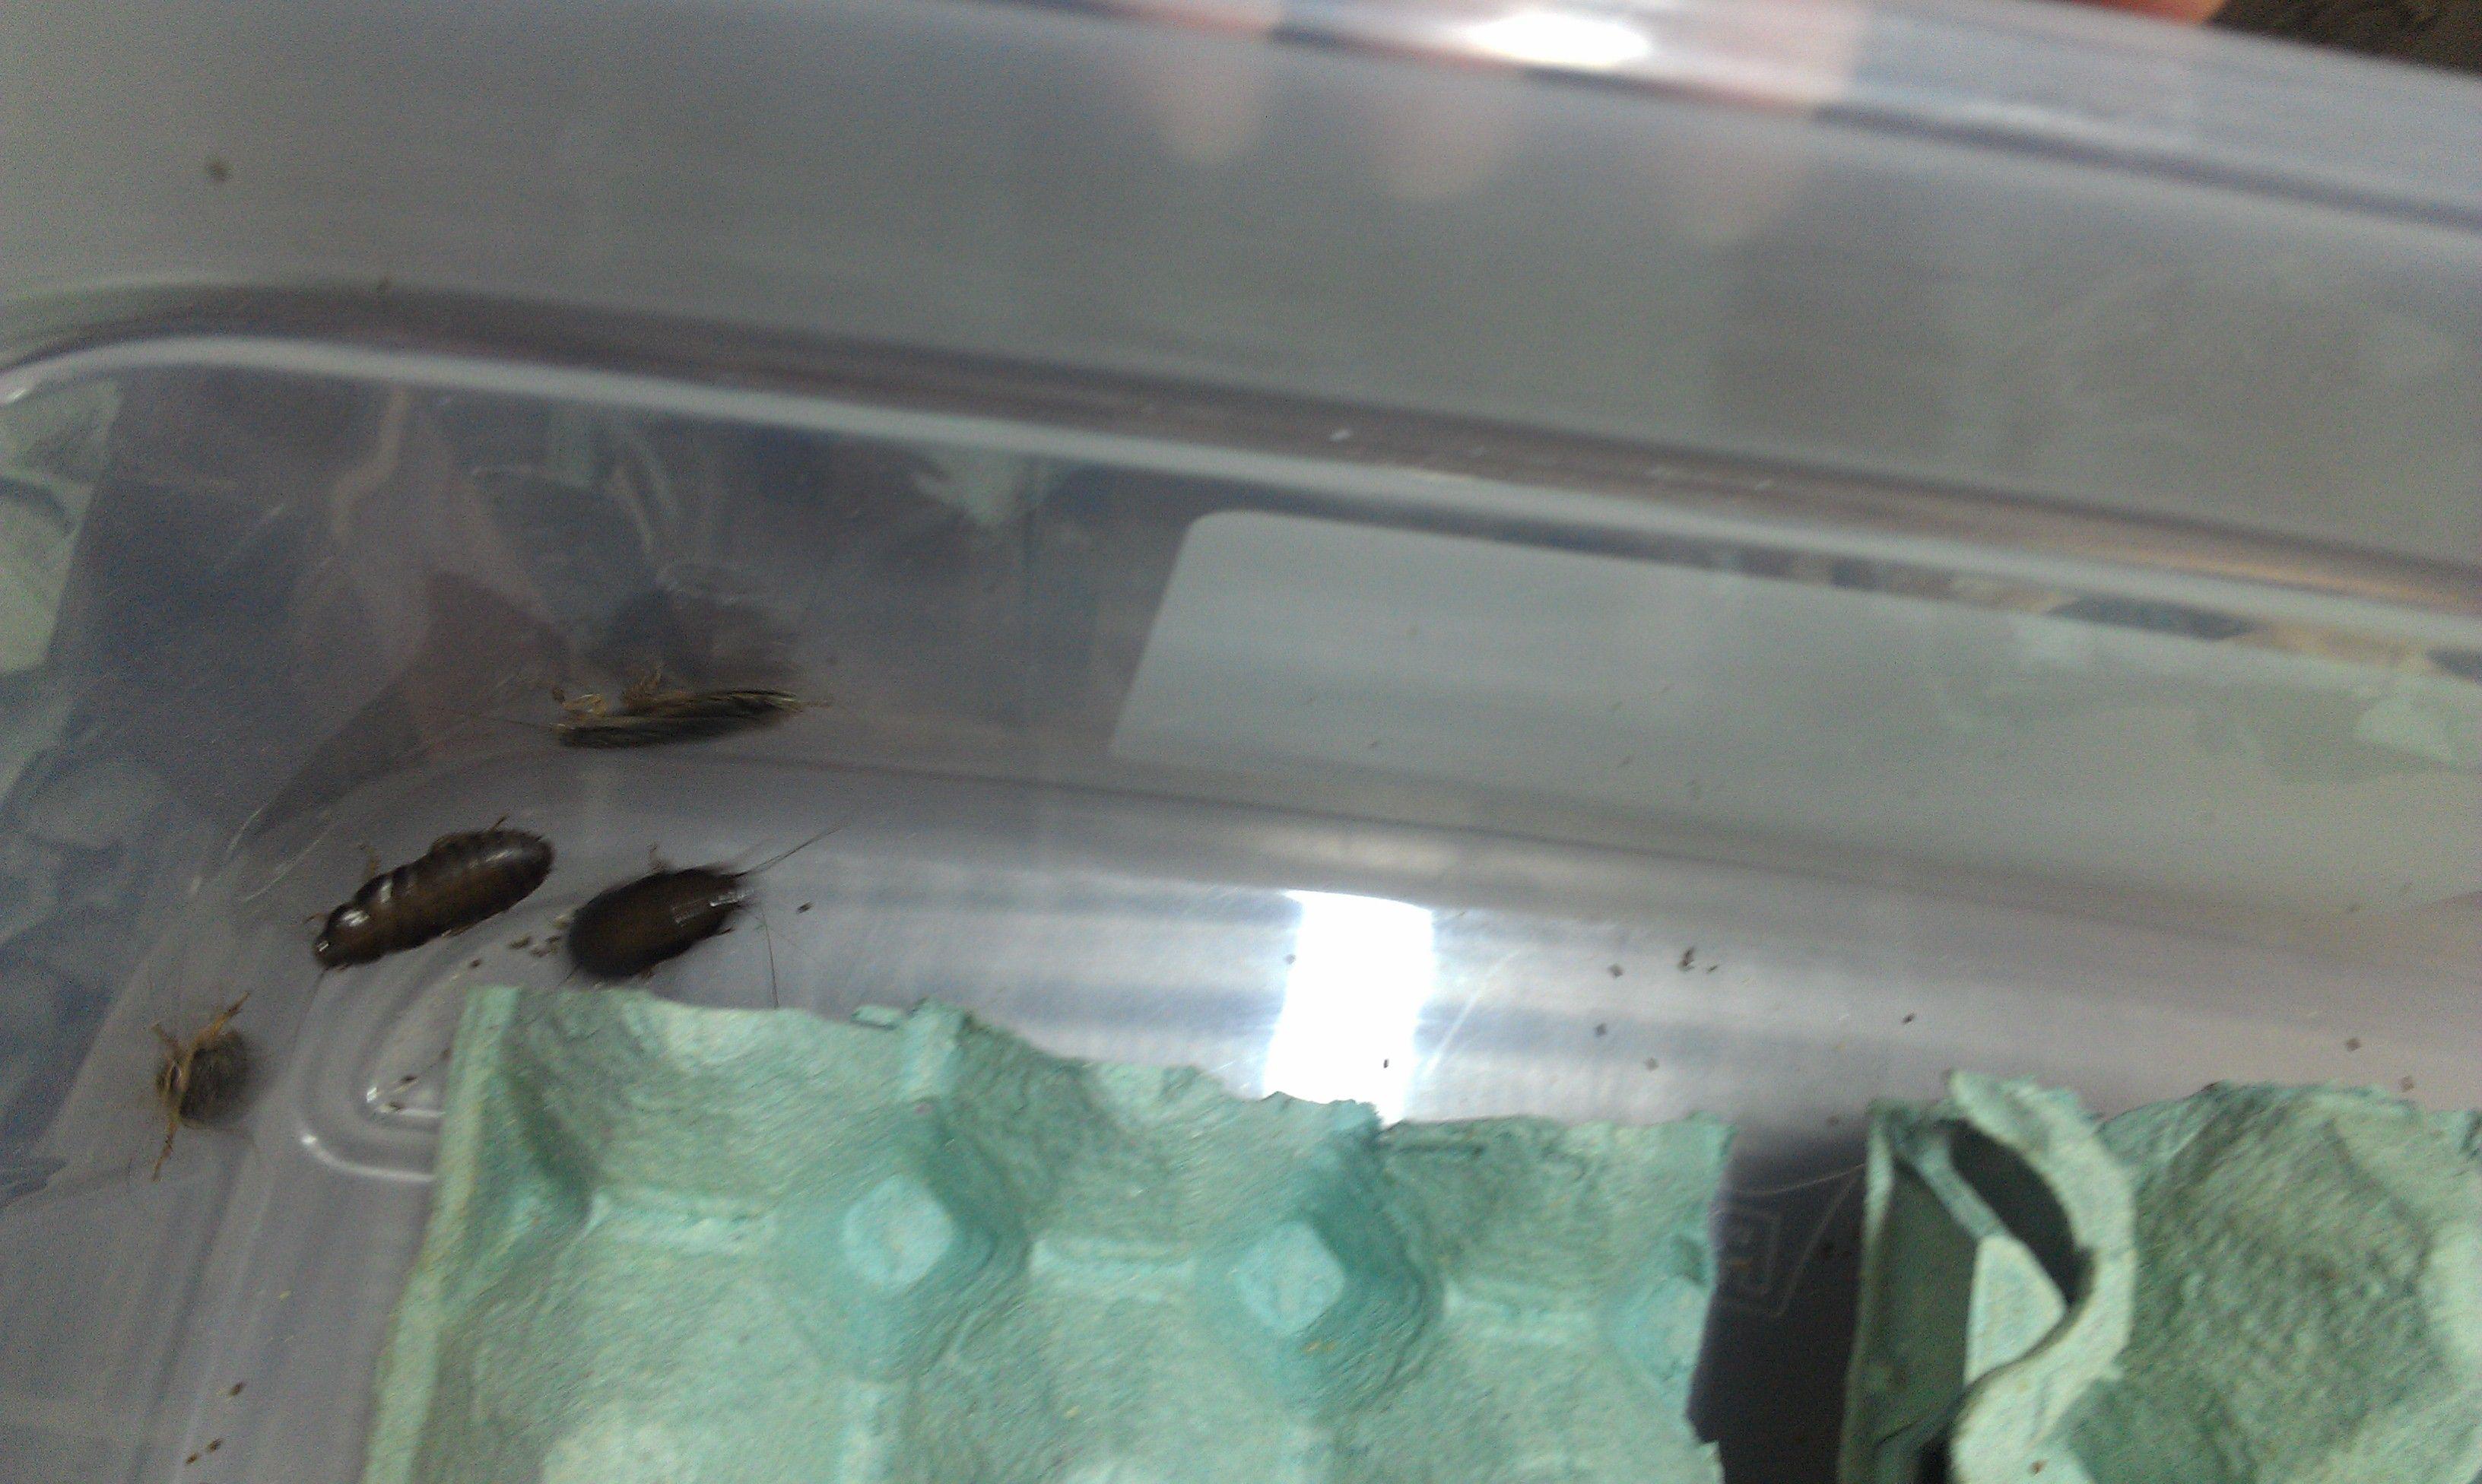 Cría y reproducción de cucarachas.....si!! cucarachas!!!! Zse3